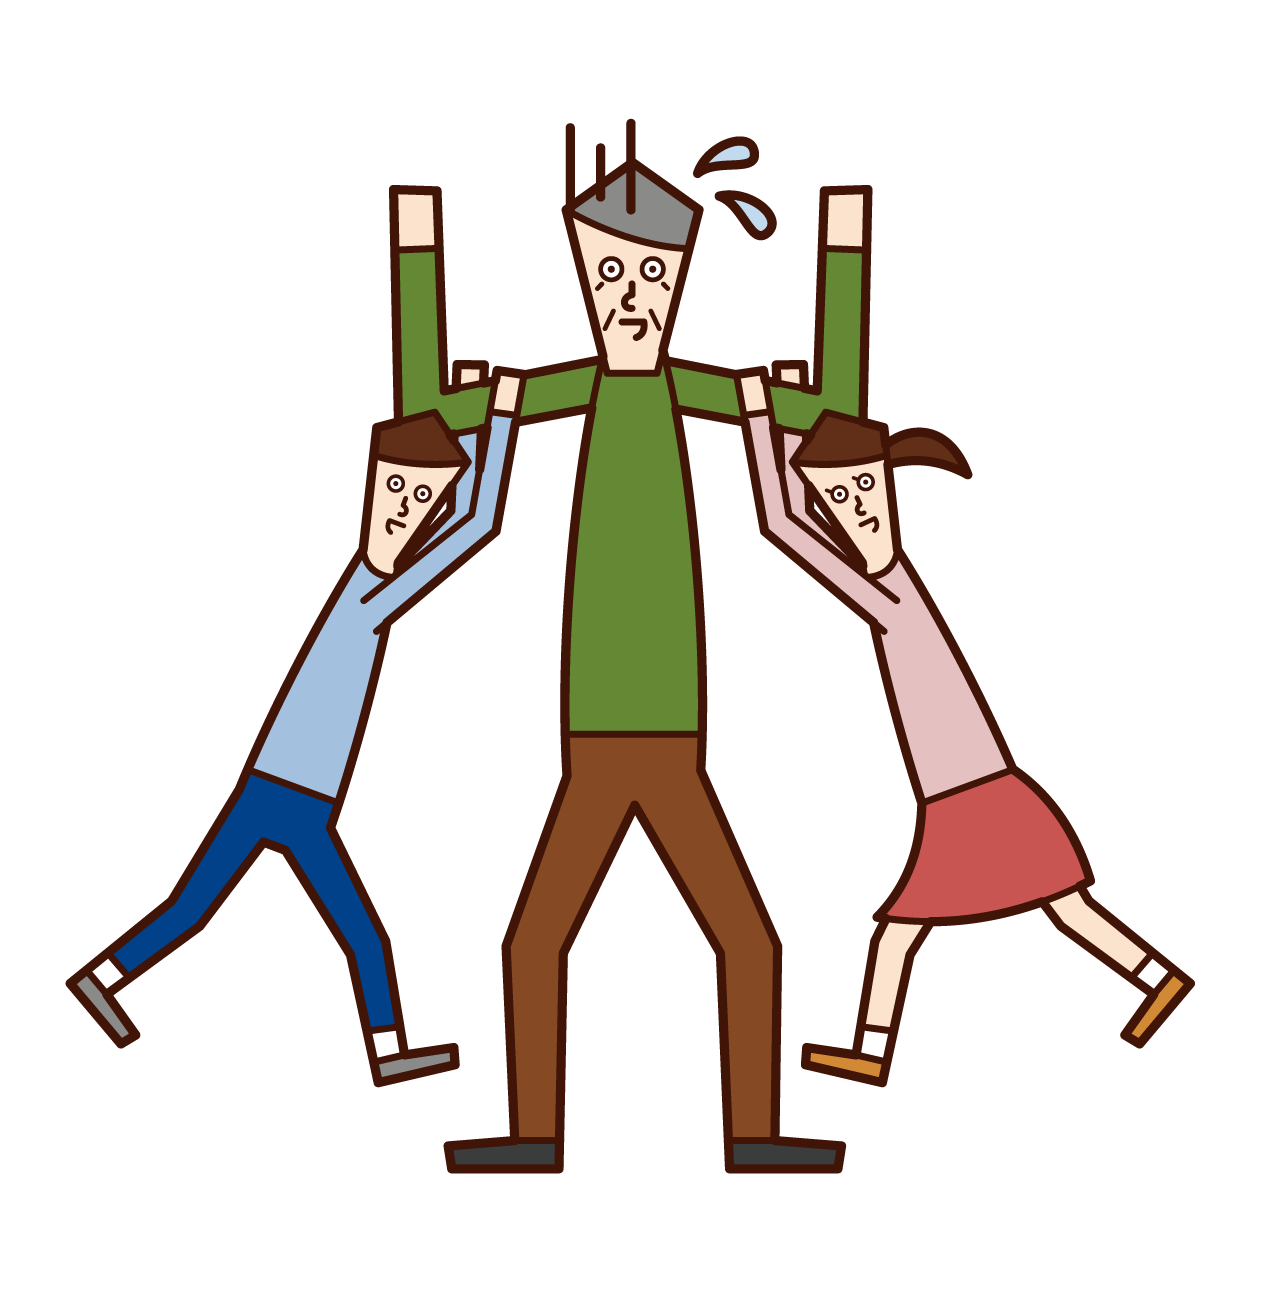 子供たちと遊ぶ老人(男性)のイラスト